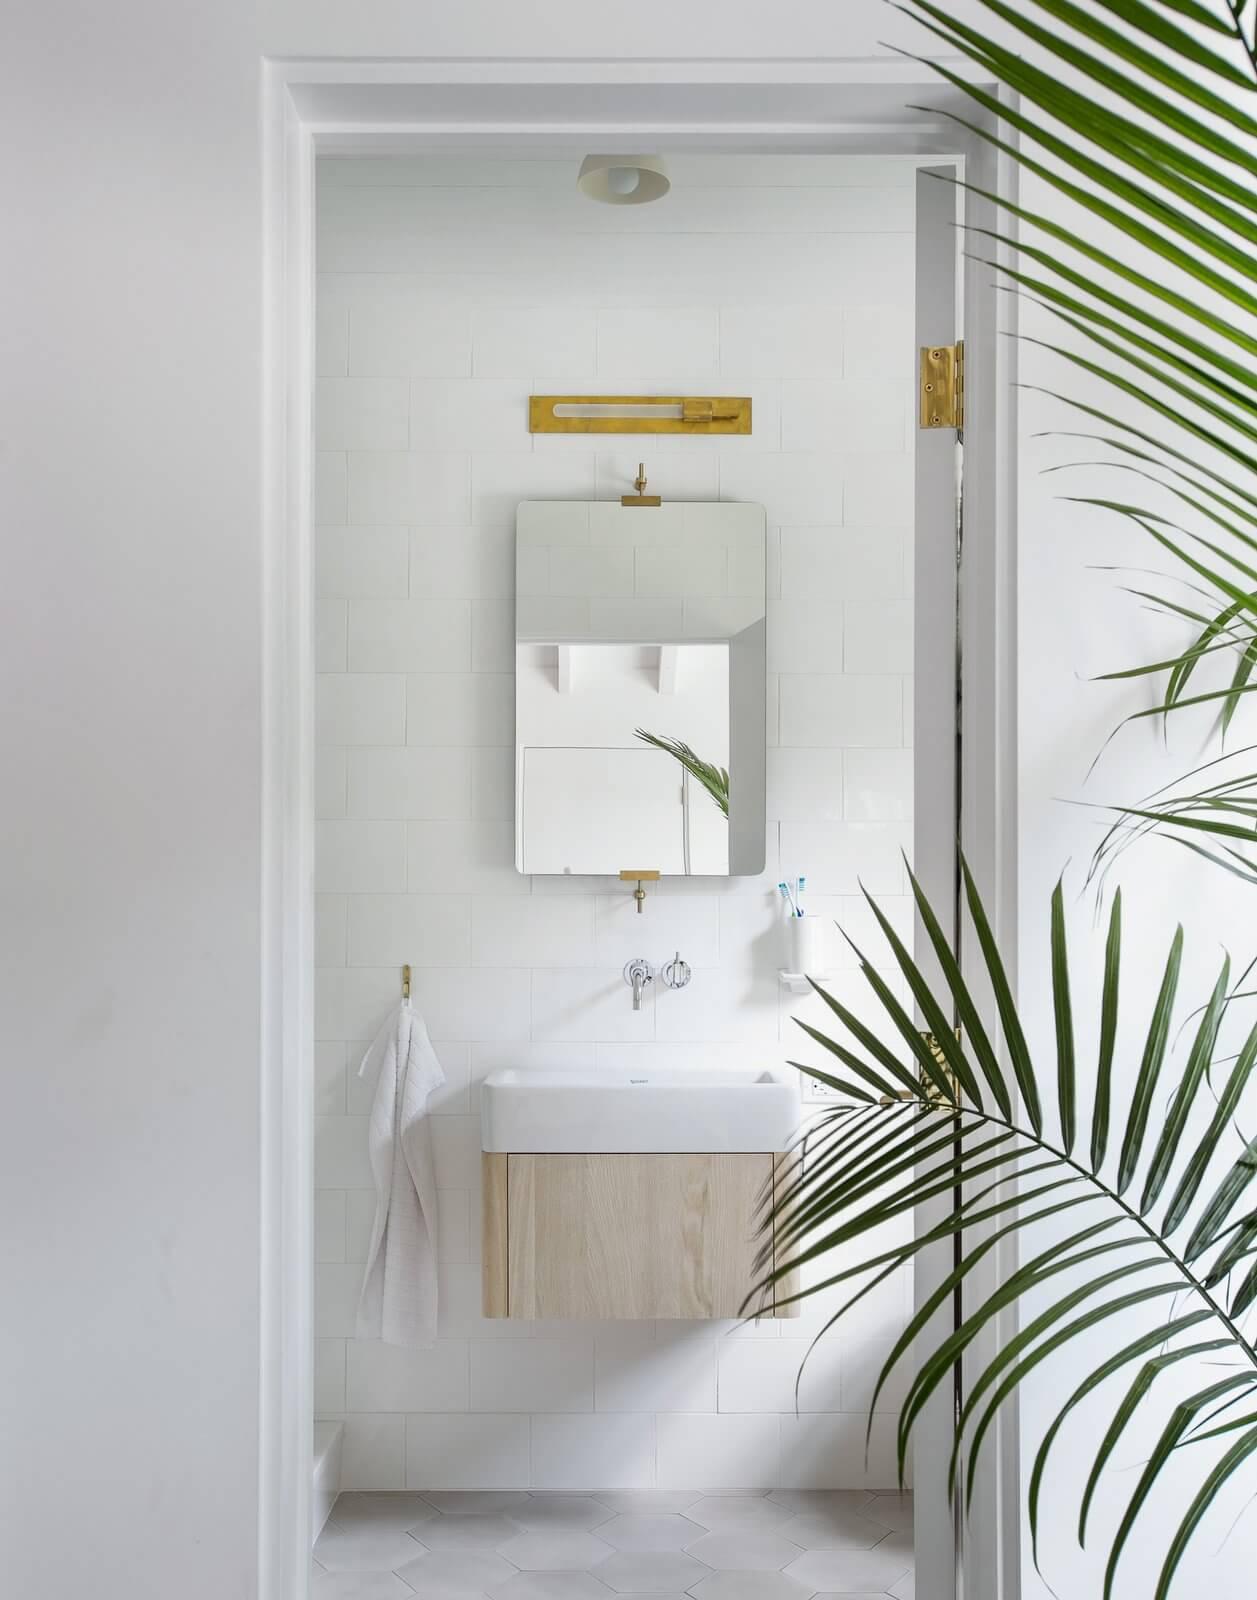 Salle de bain esprit minimaliste